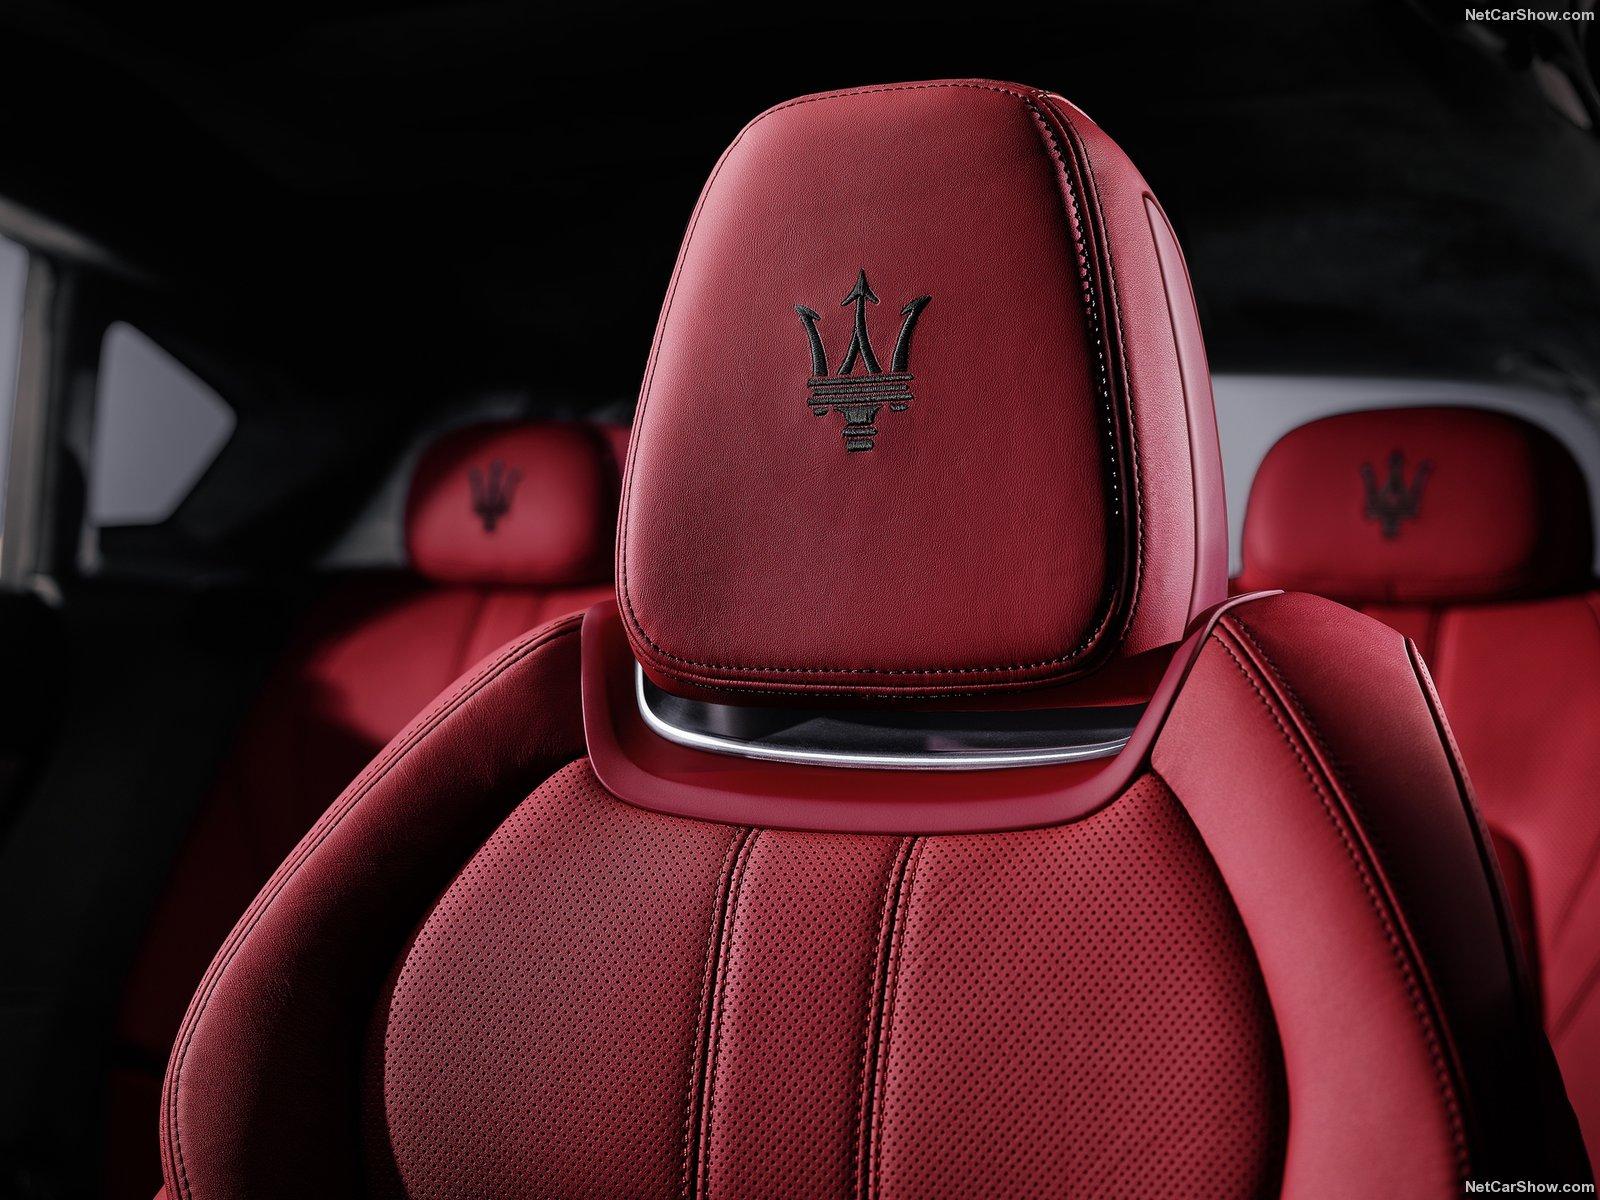 Maserati-Levante_2017_1600x1200_wallpaper_0e